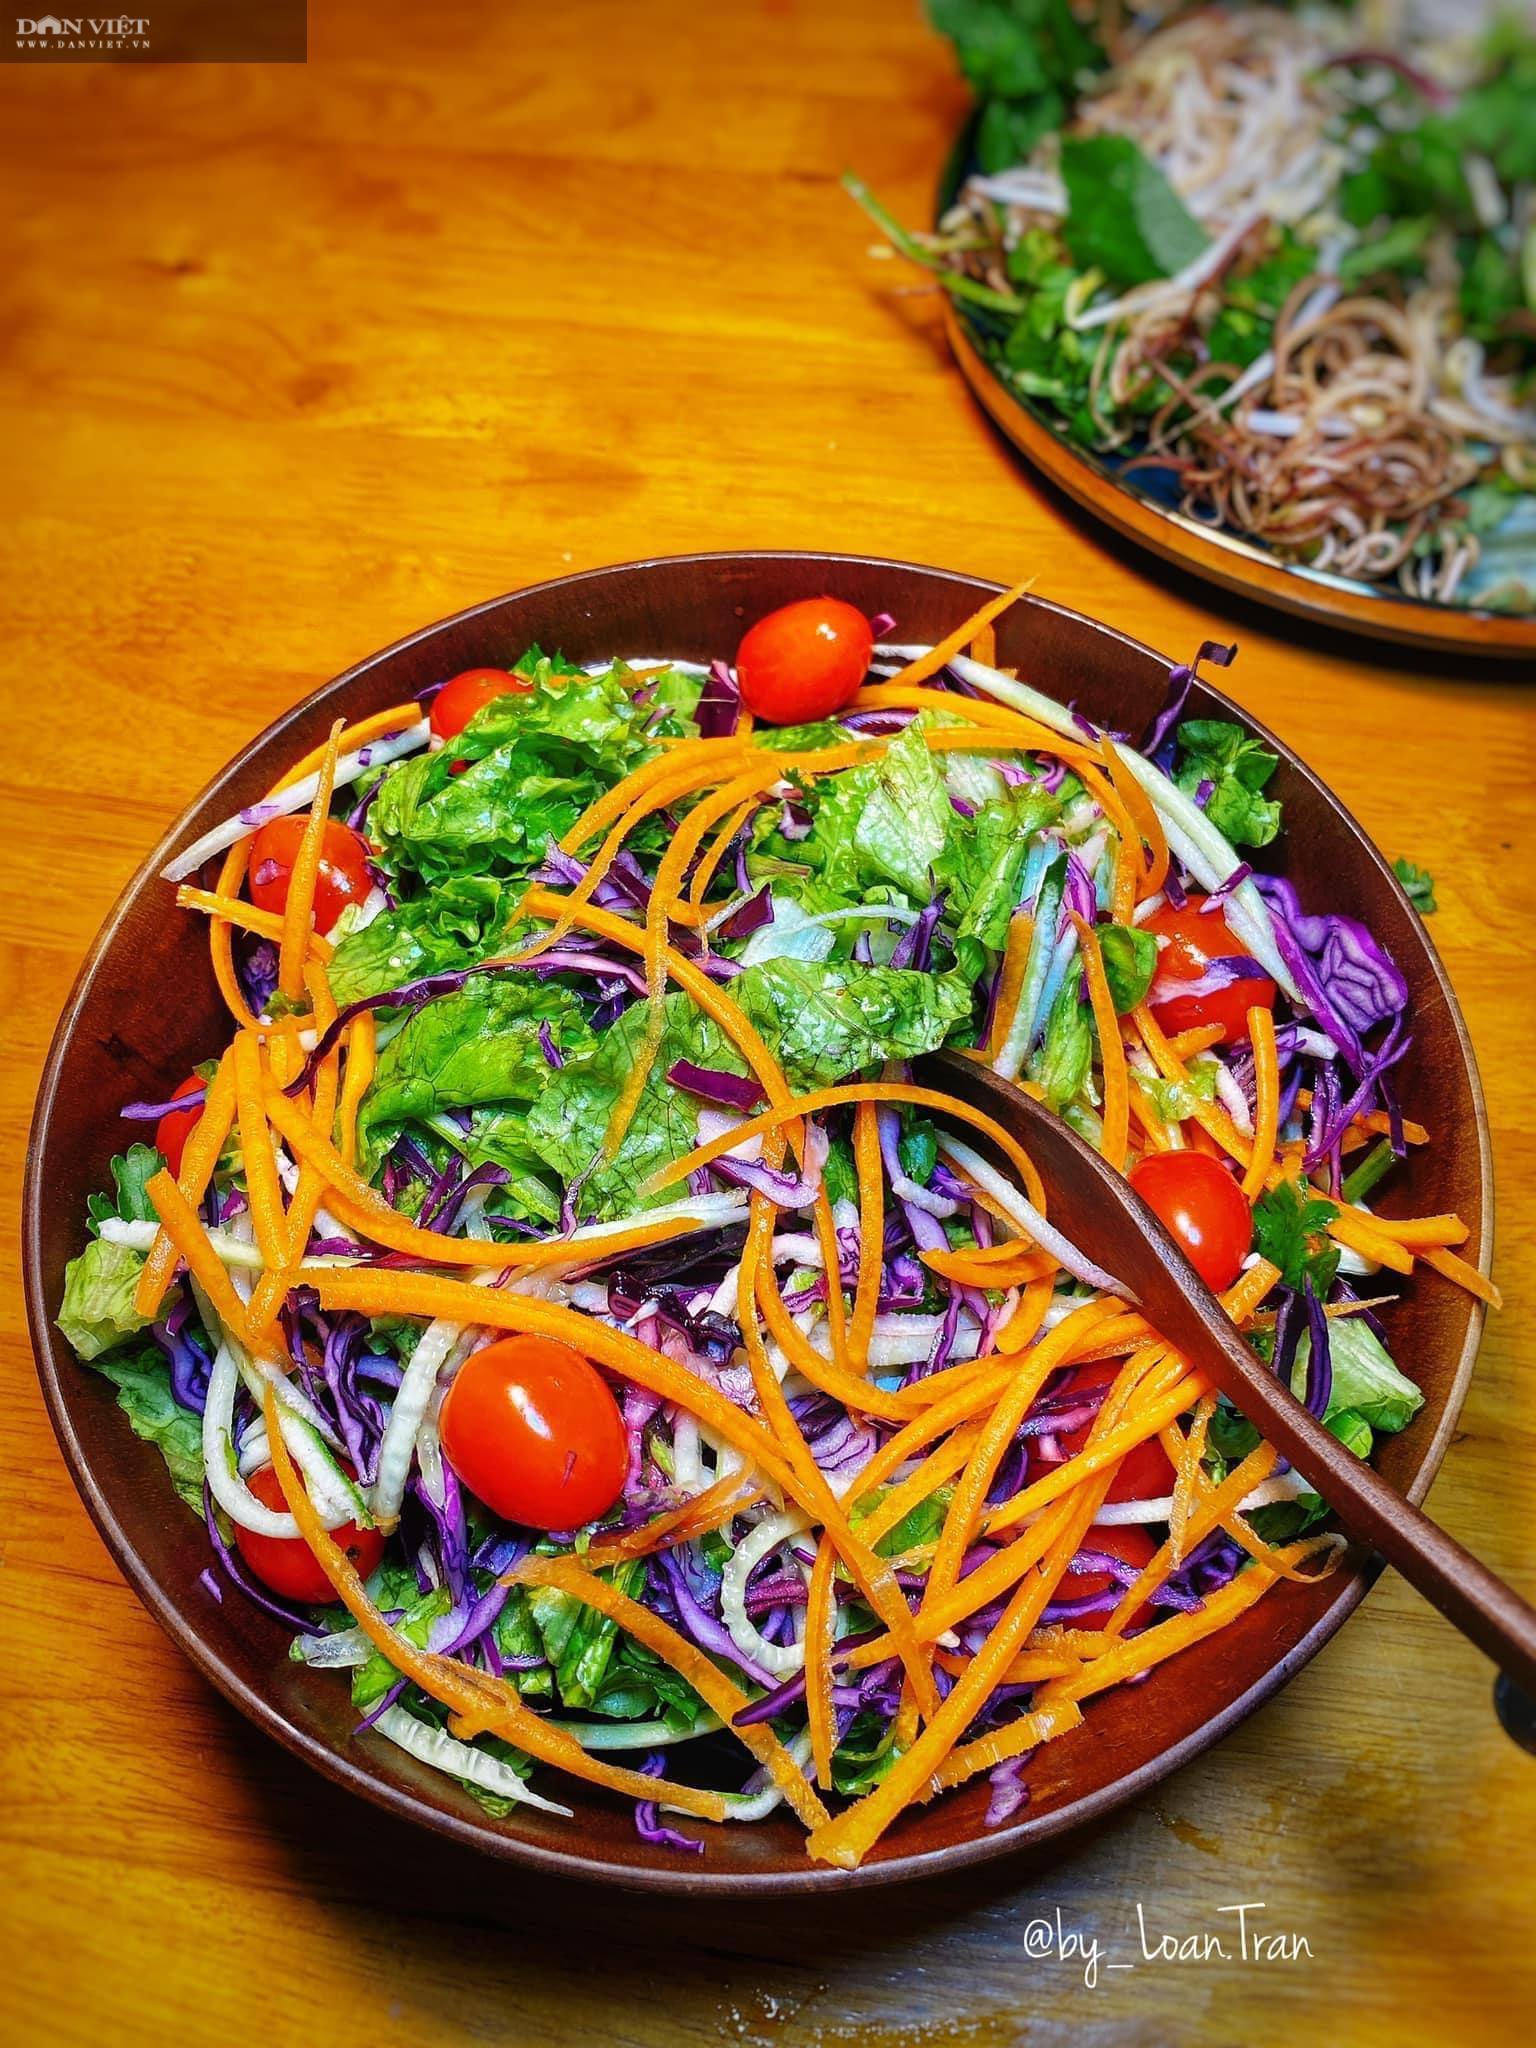 Gợi ý 11 món salad đẹp da, đẹp dáng cho chị em - Ảnh 8.